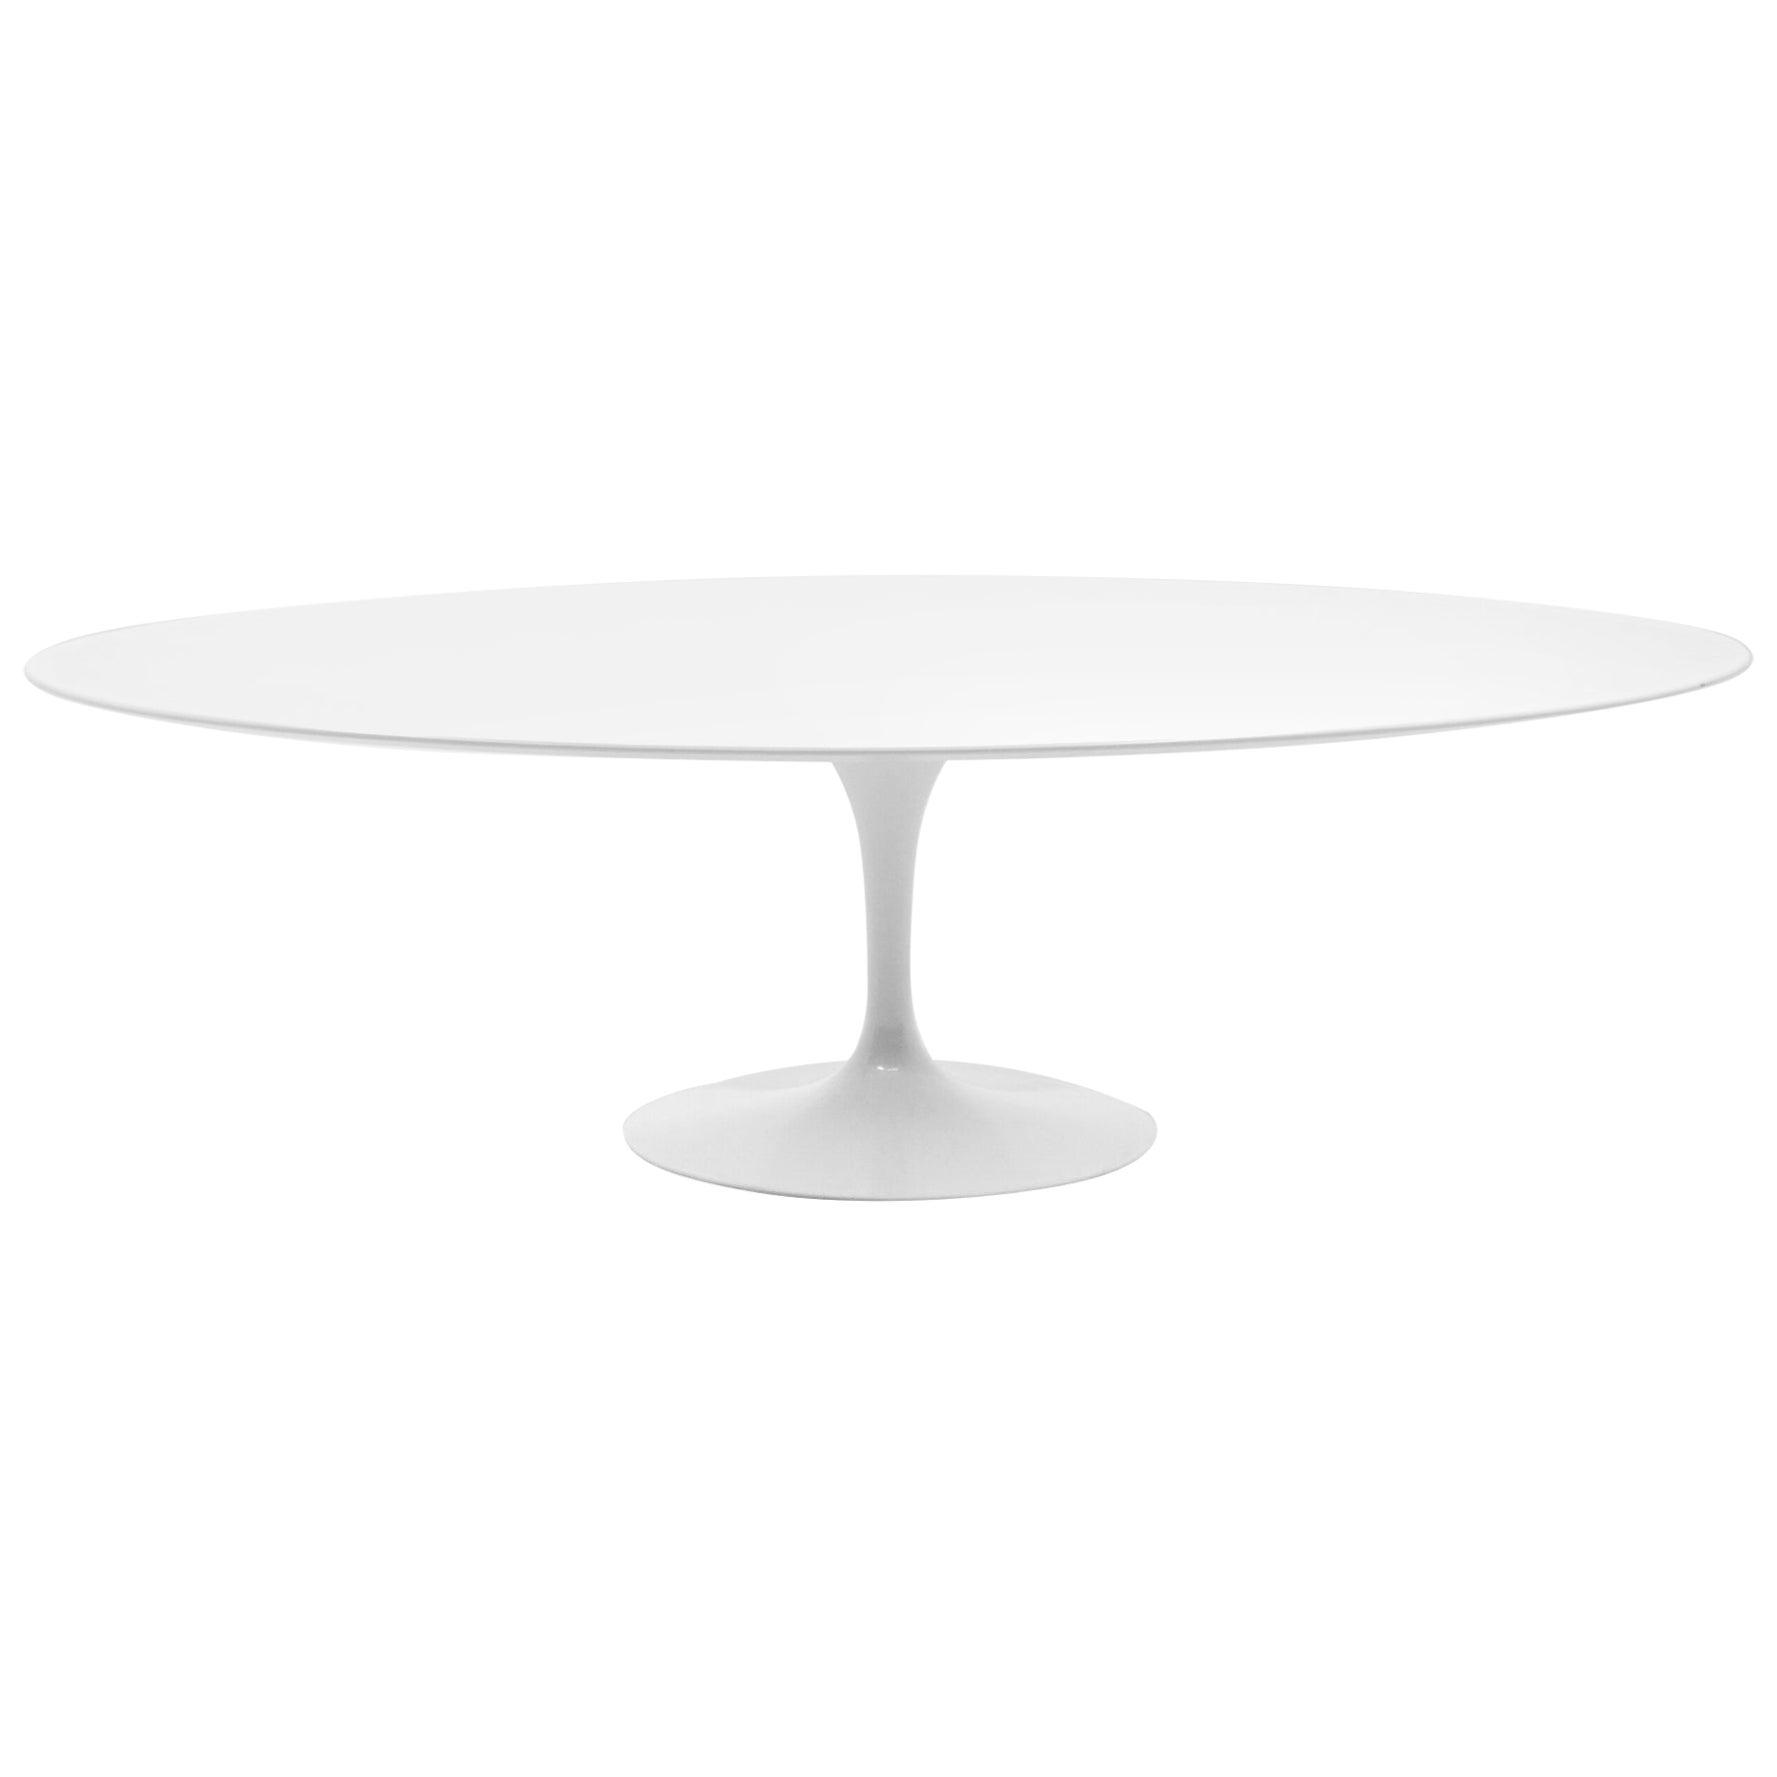 Eero Saarinen Oval Tulip Base Dining Table, White Laminate Top